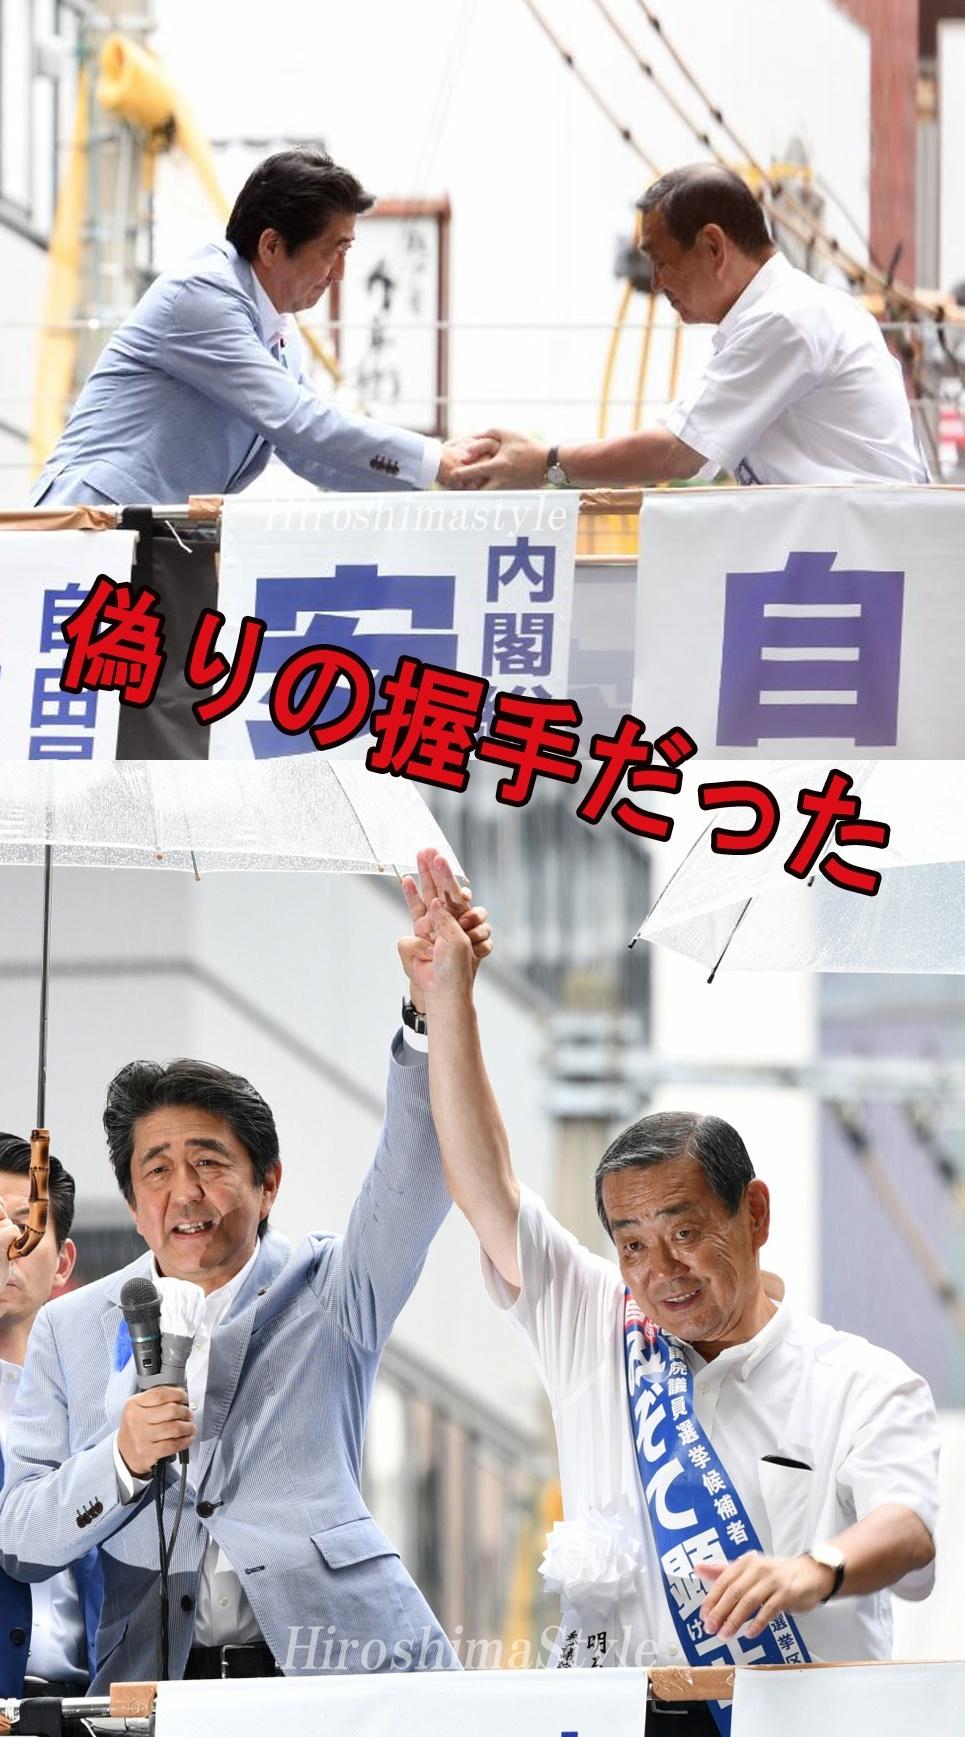 参院選広島 安倍総理 溝手顕正